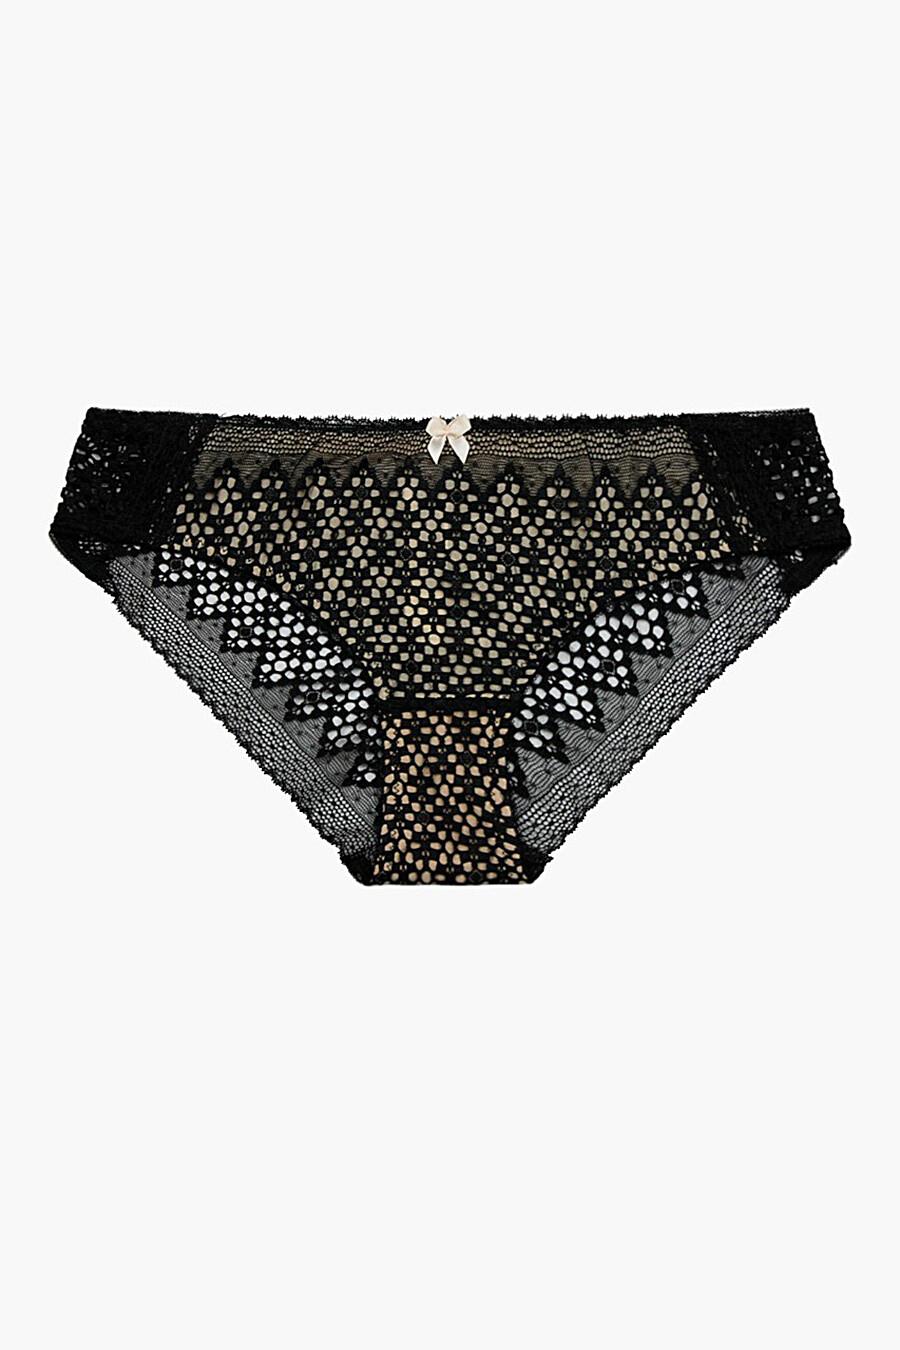 Трусы для женщин INDEFINI 288785 купить оптом от производителя. Совместная покупка женской одежды в OptMoyo